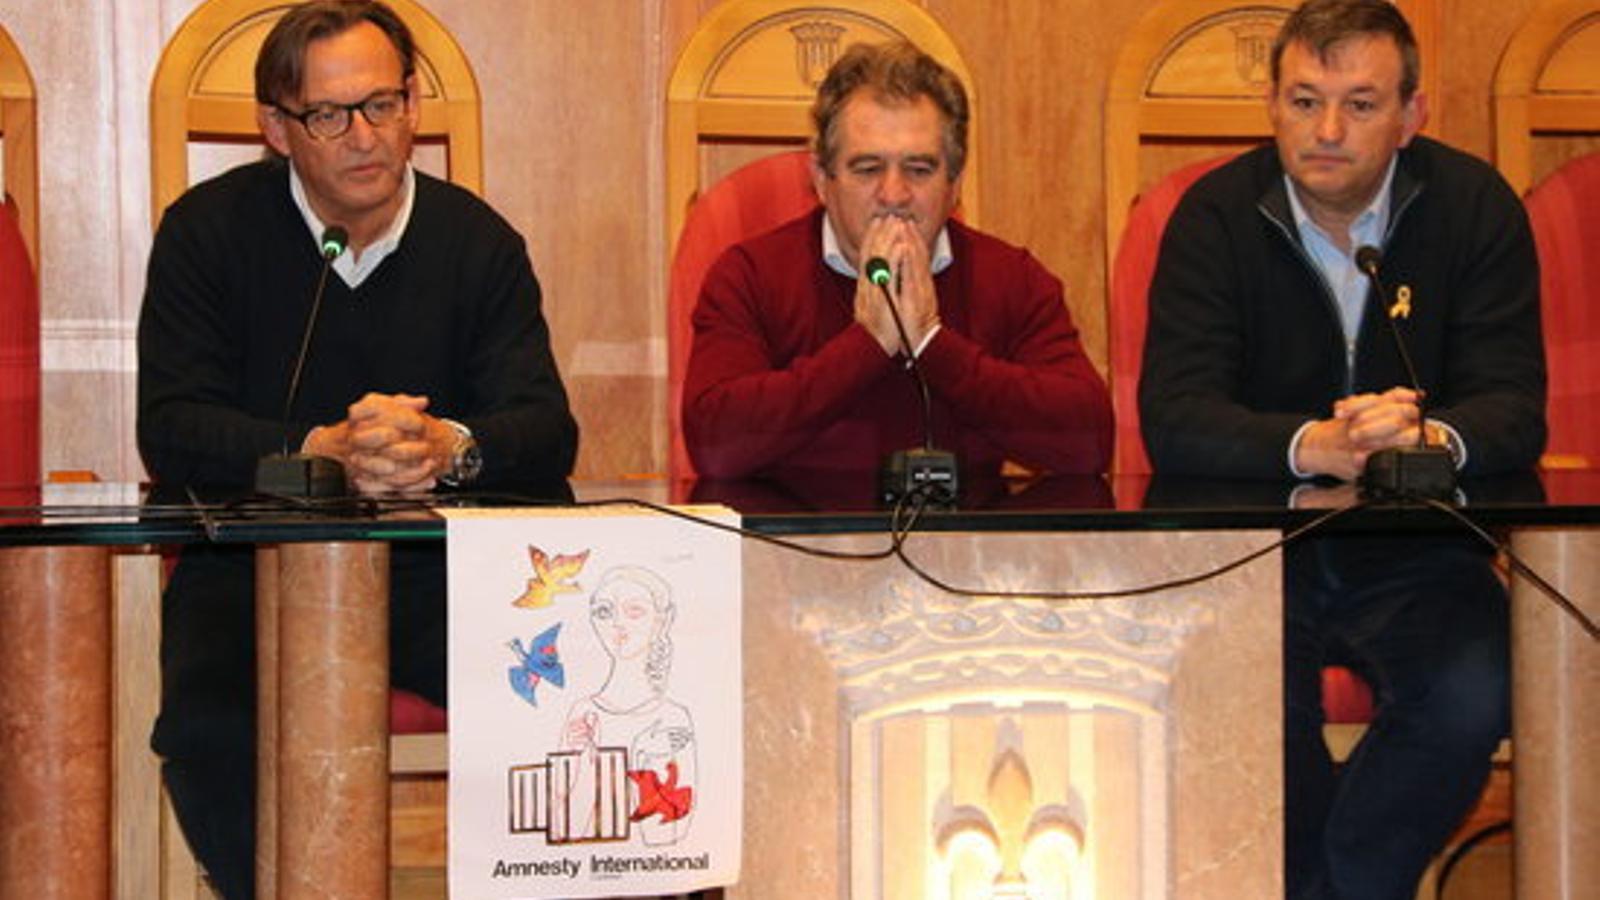 L'alcalde de Montblanc, Pep Andreu, acompanyat del president de l'AMI, Josep Maria Cervera, i l'expresident de l'entitat Josep Maria Vila d'Abadal